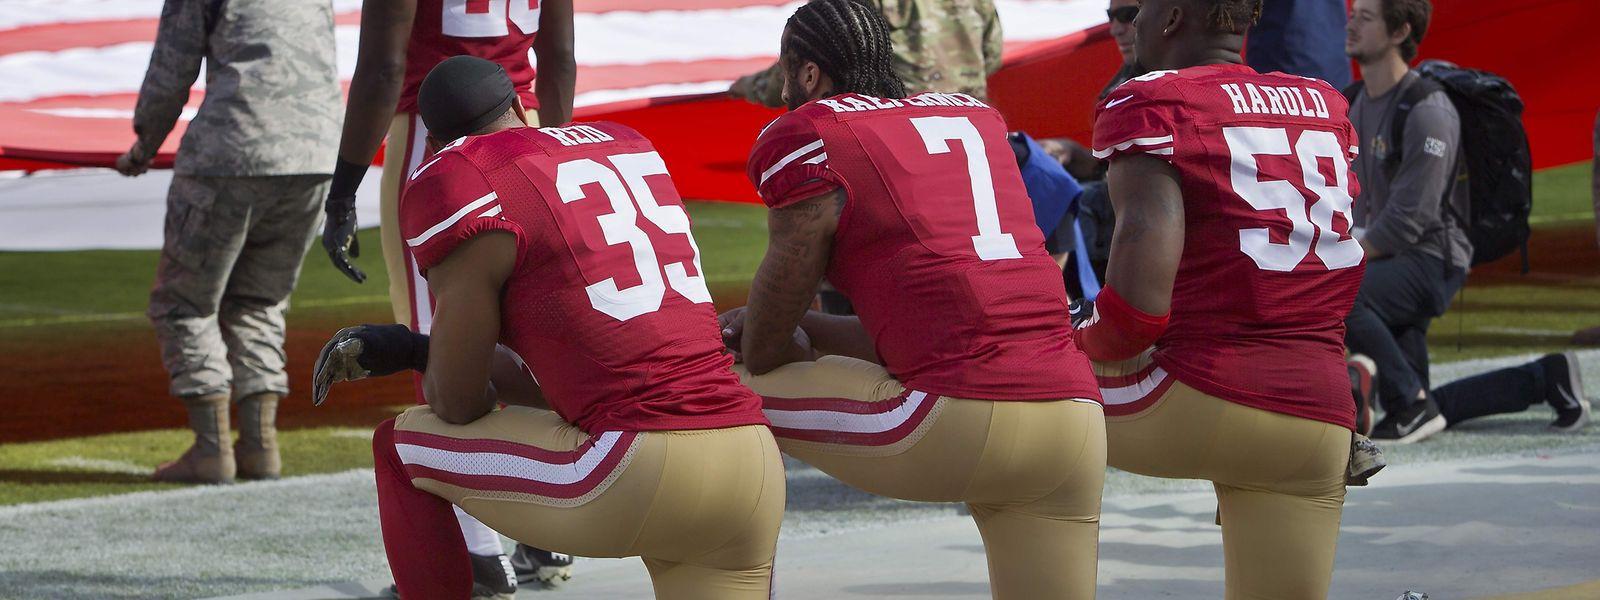 Colin Kaepernick (7), Eric Reid (35), und Eli Harold (58) knien während der Hymne.